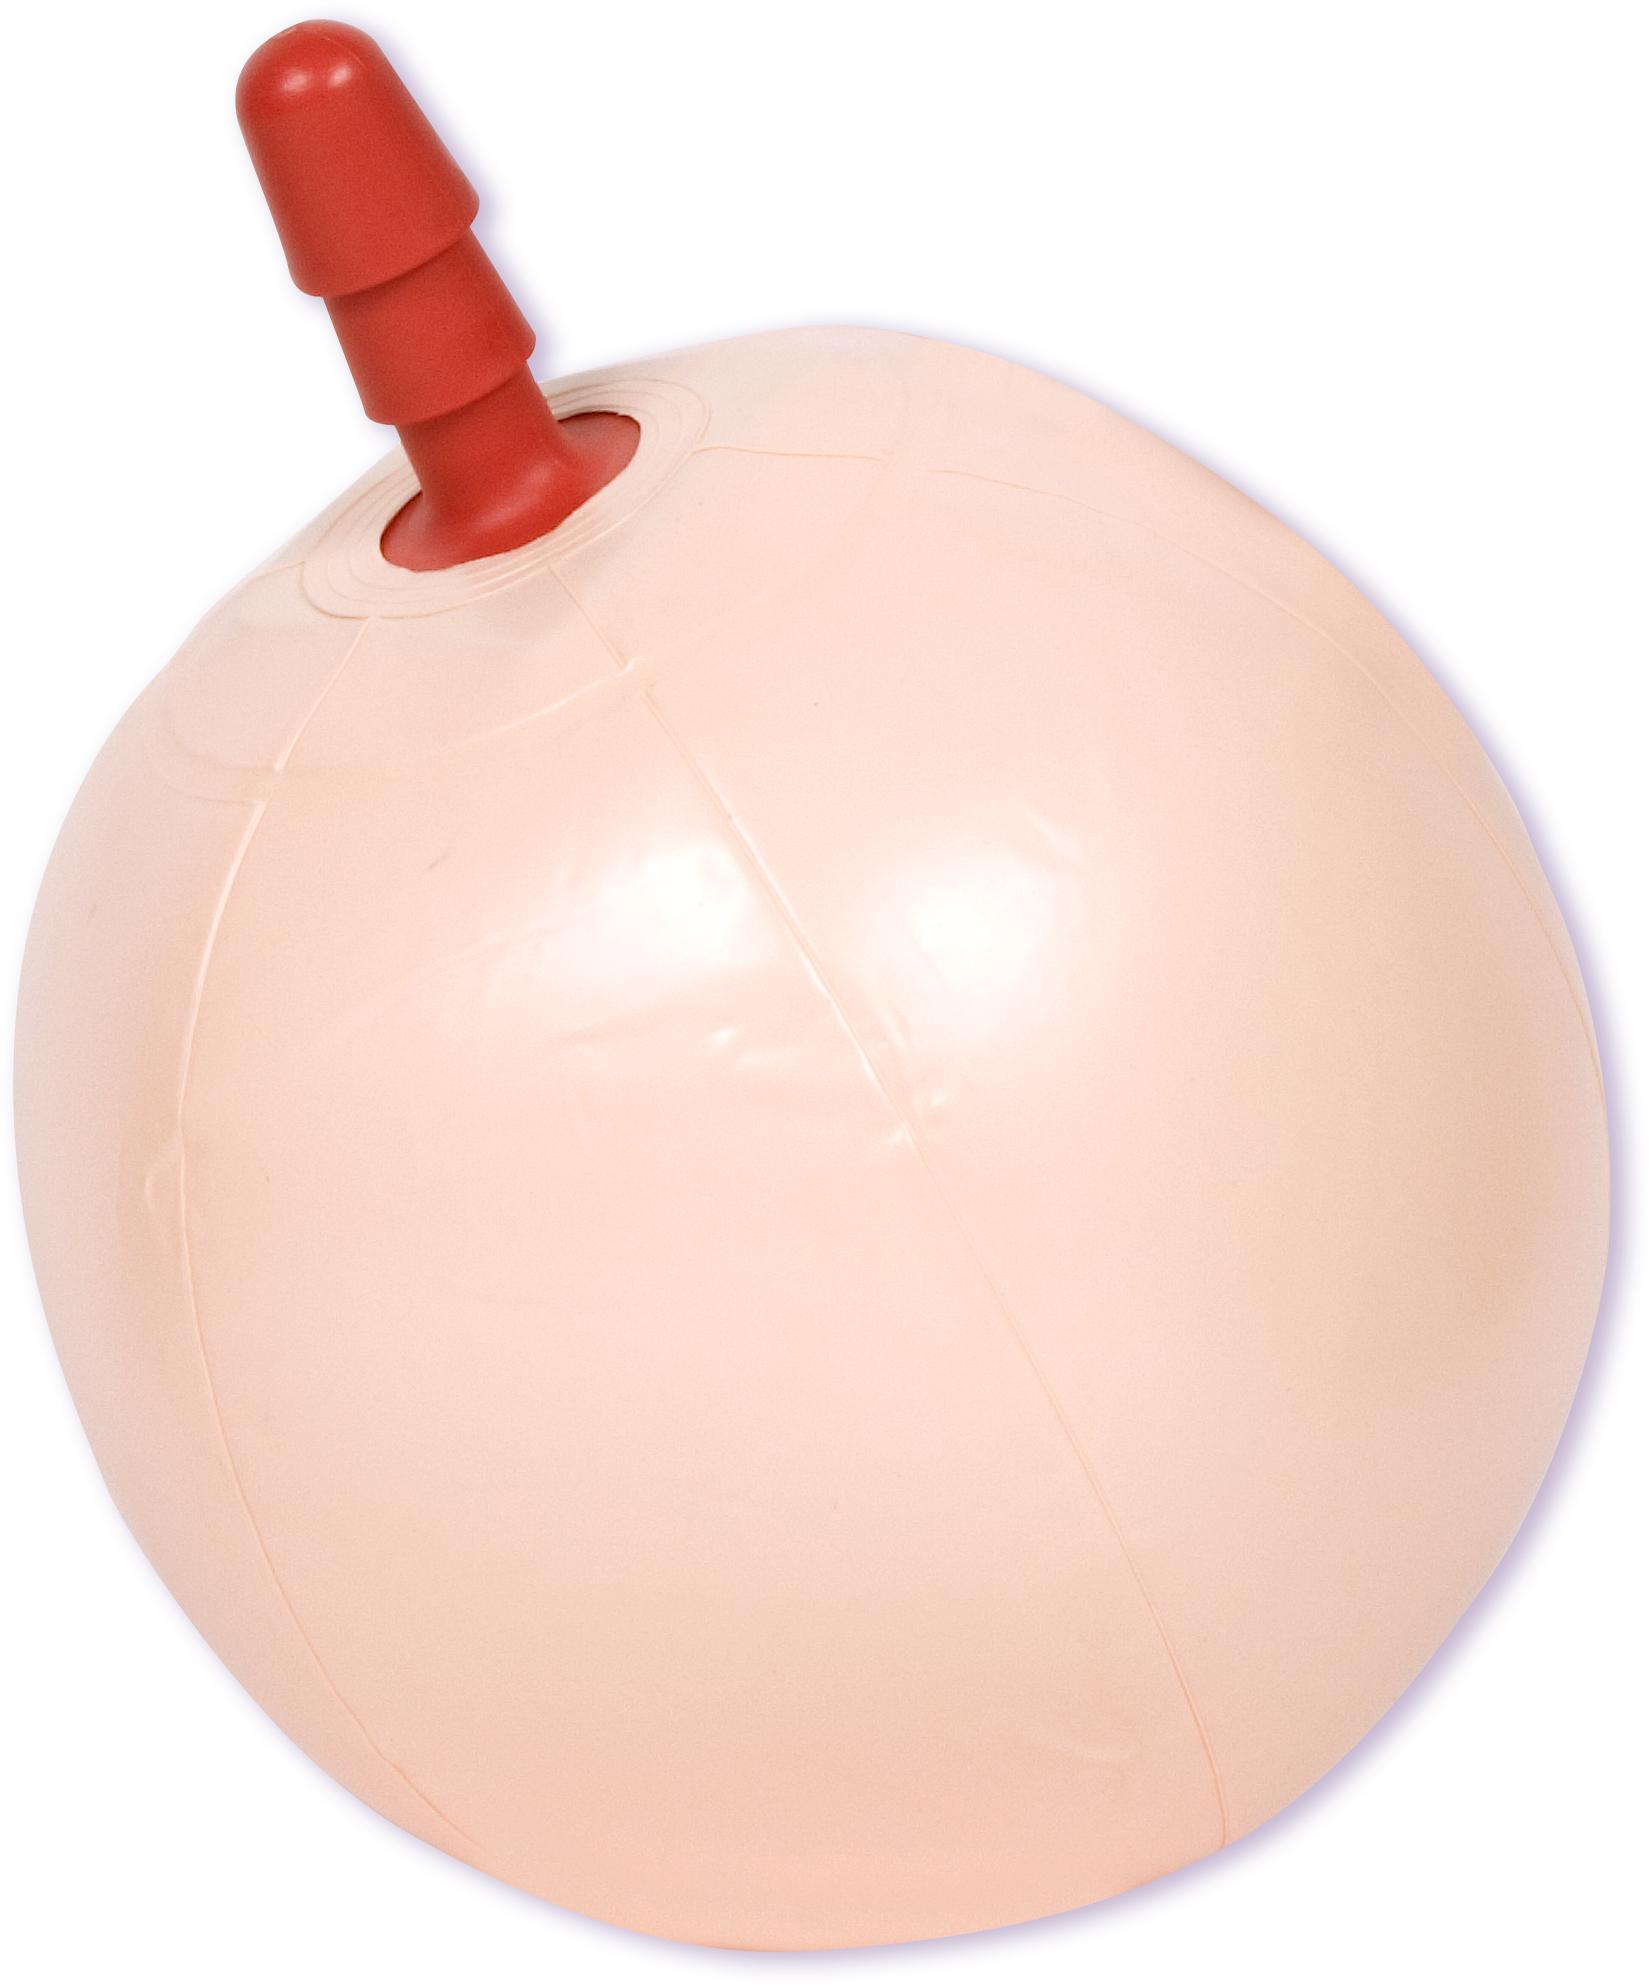 E-Z RIDER BALL W/PLUG BX